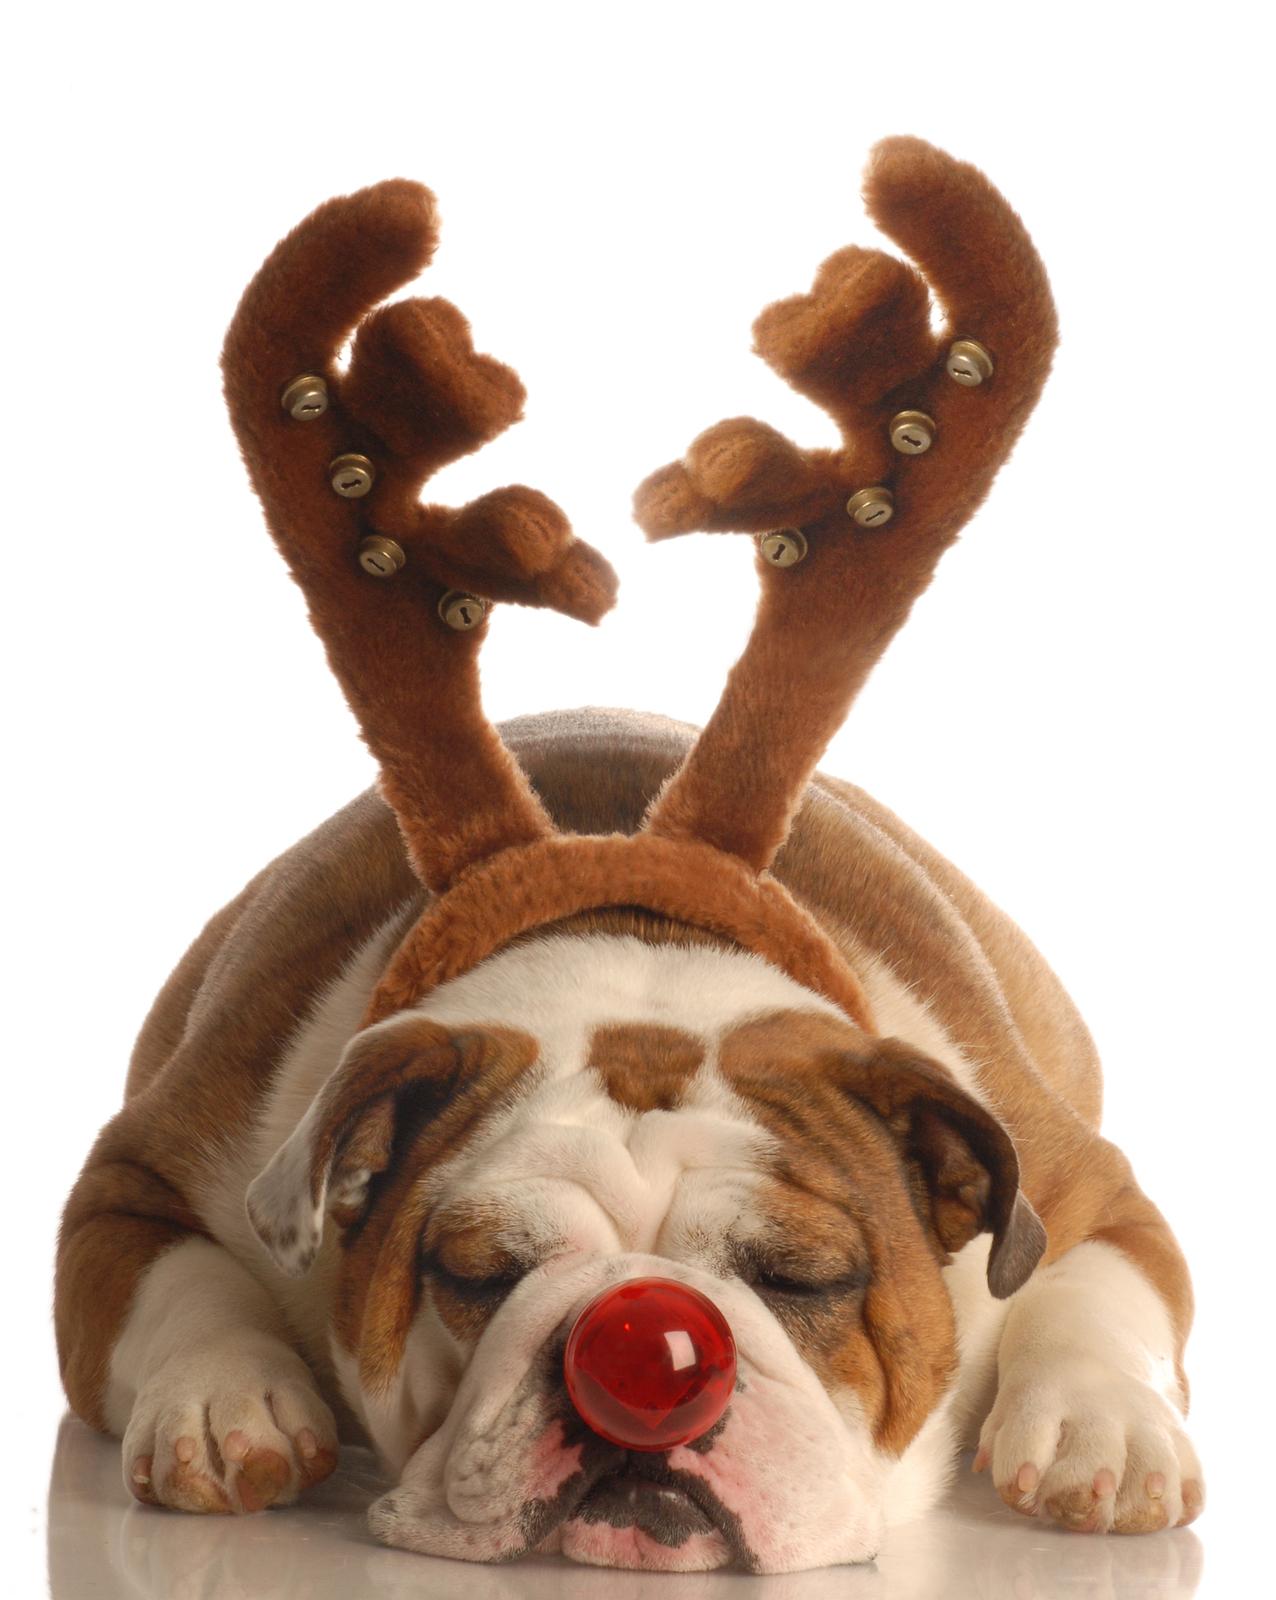 The King File - Christmas, Dog Poems